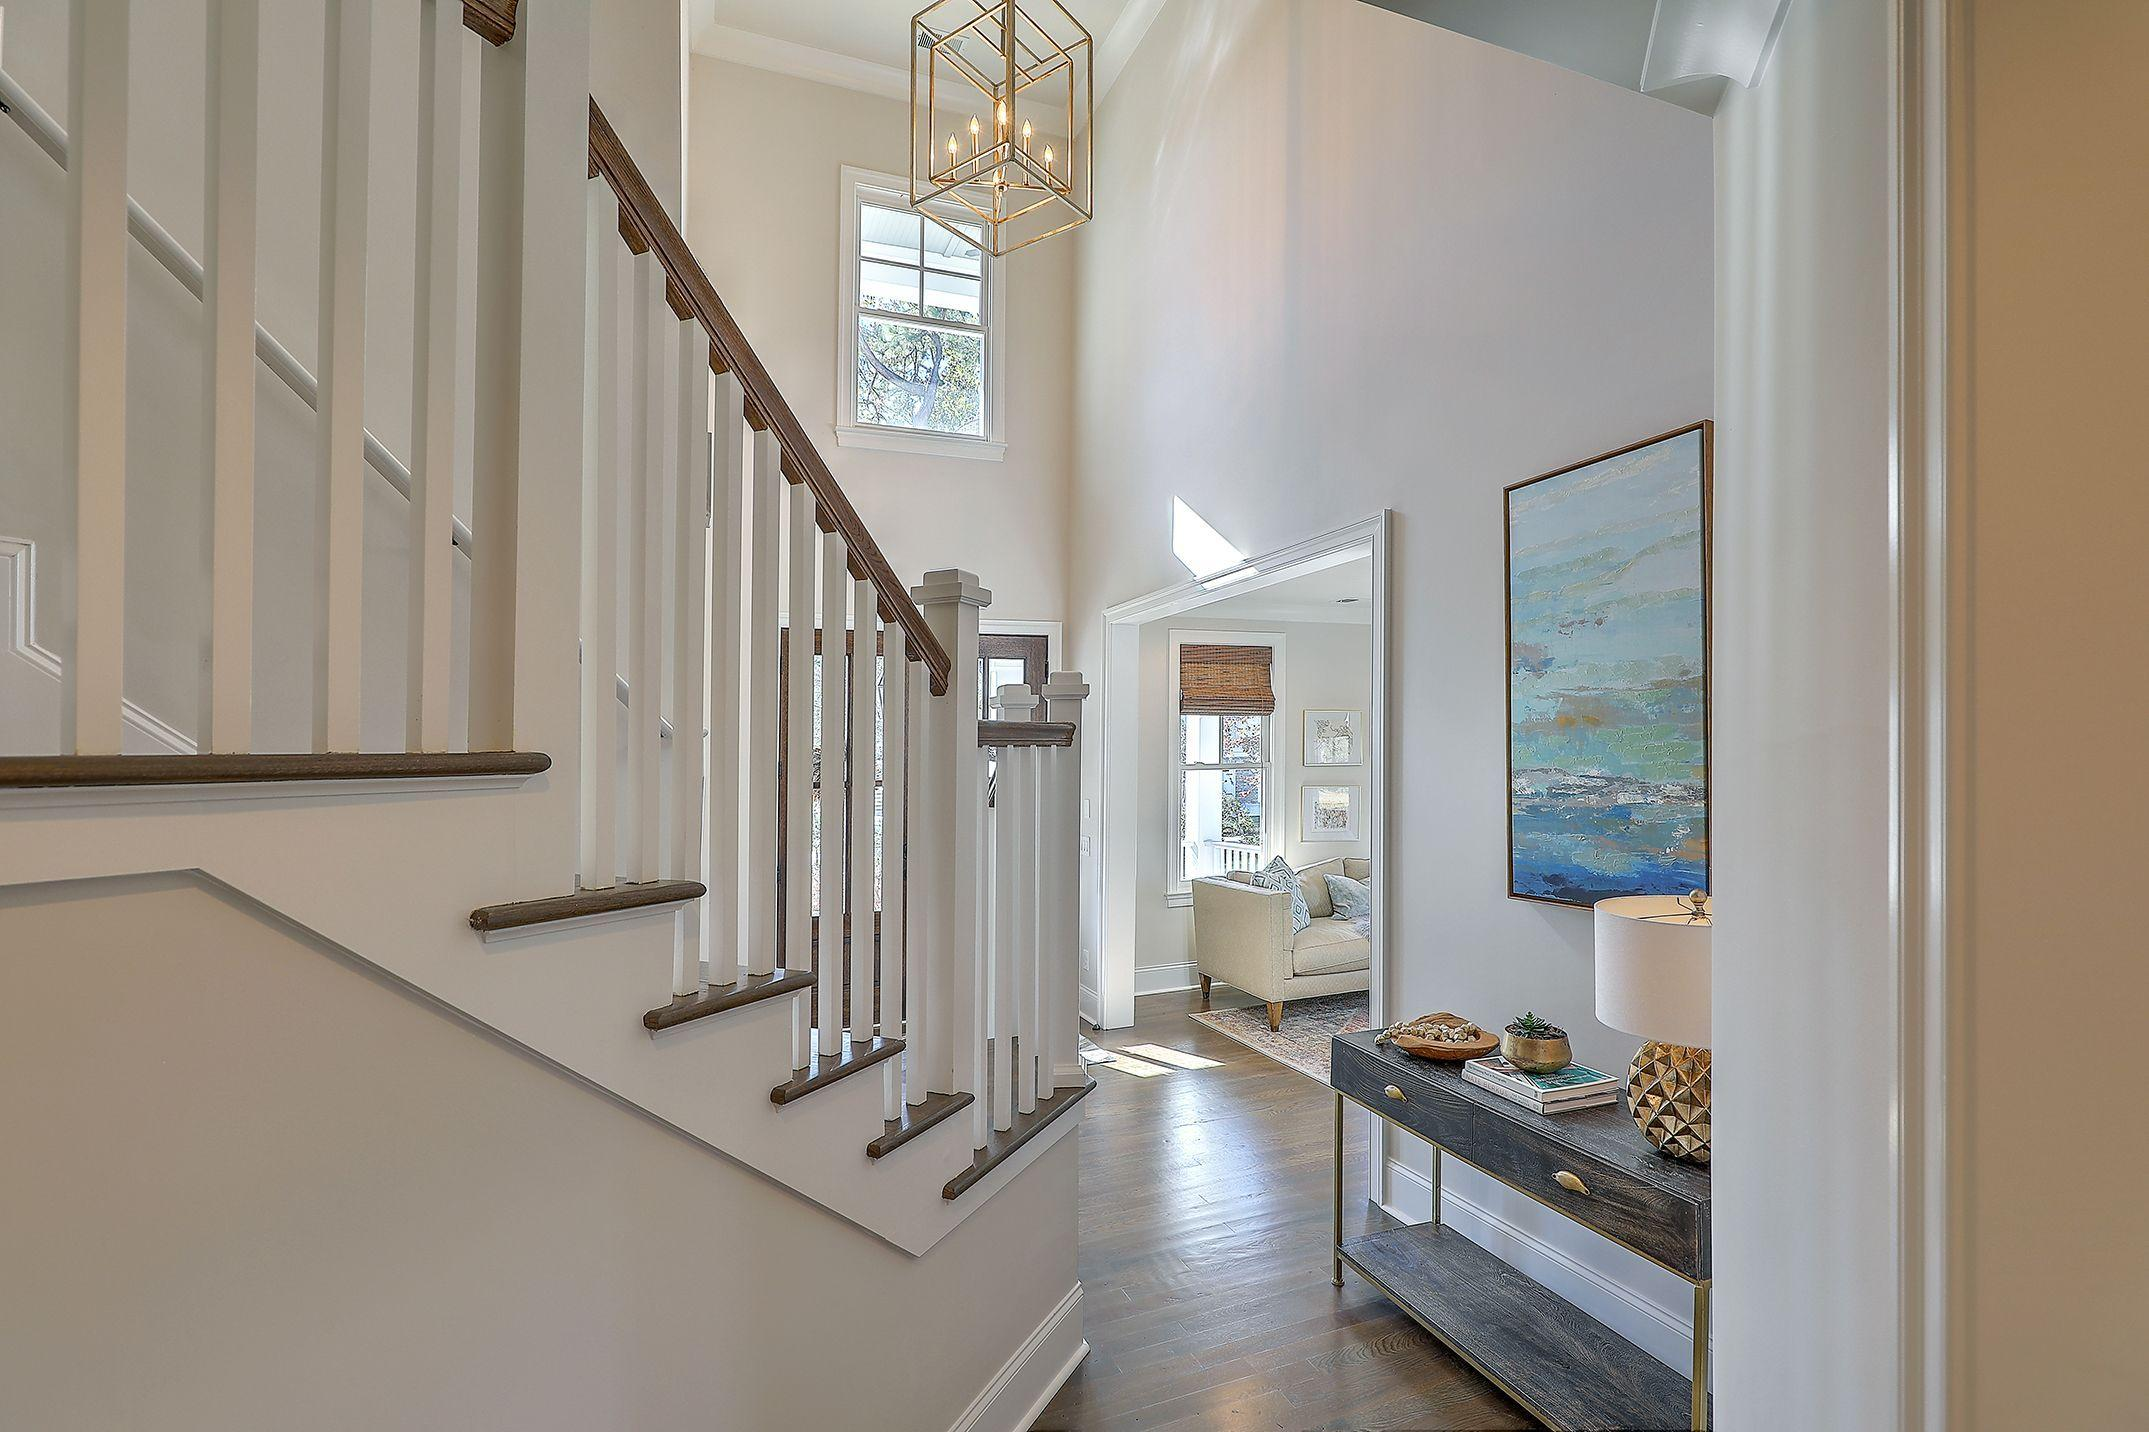 Park West Homes For Sale - 1587 Capel, Mount Pleasant, SC - 43